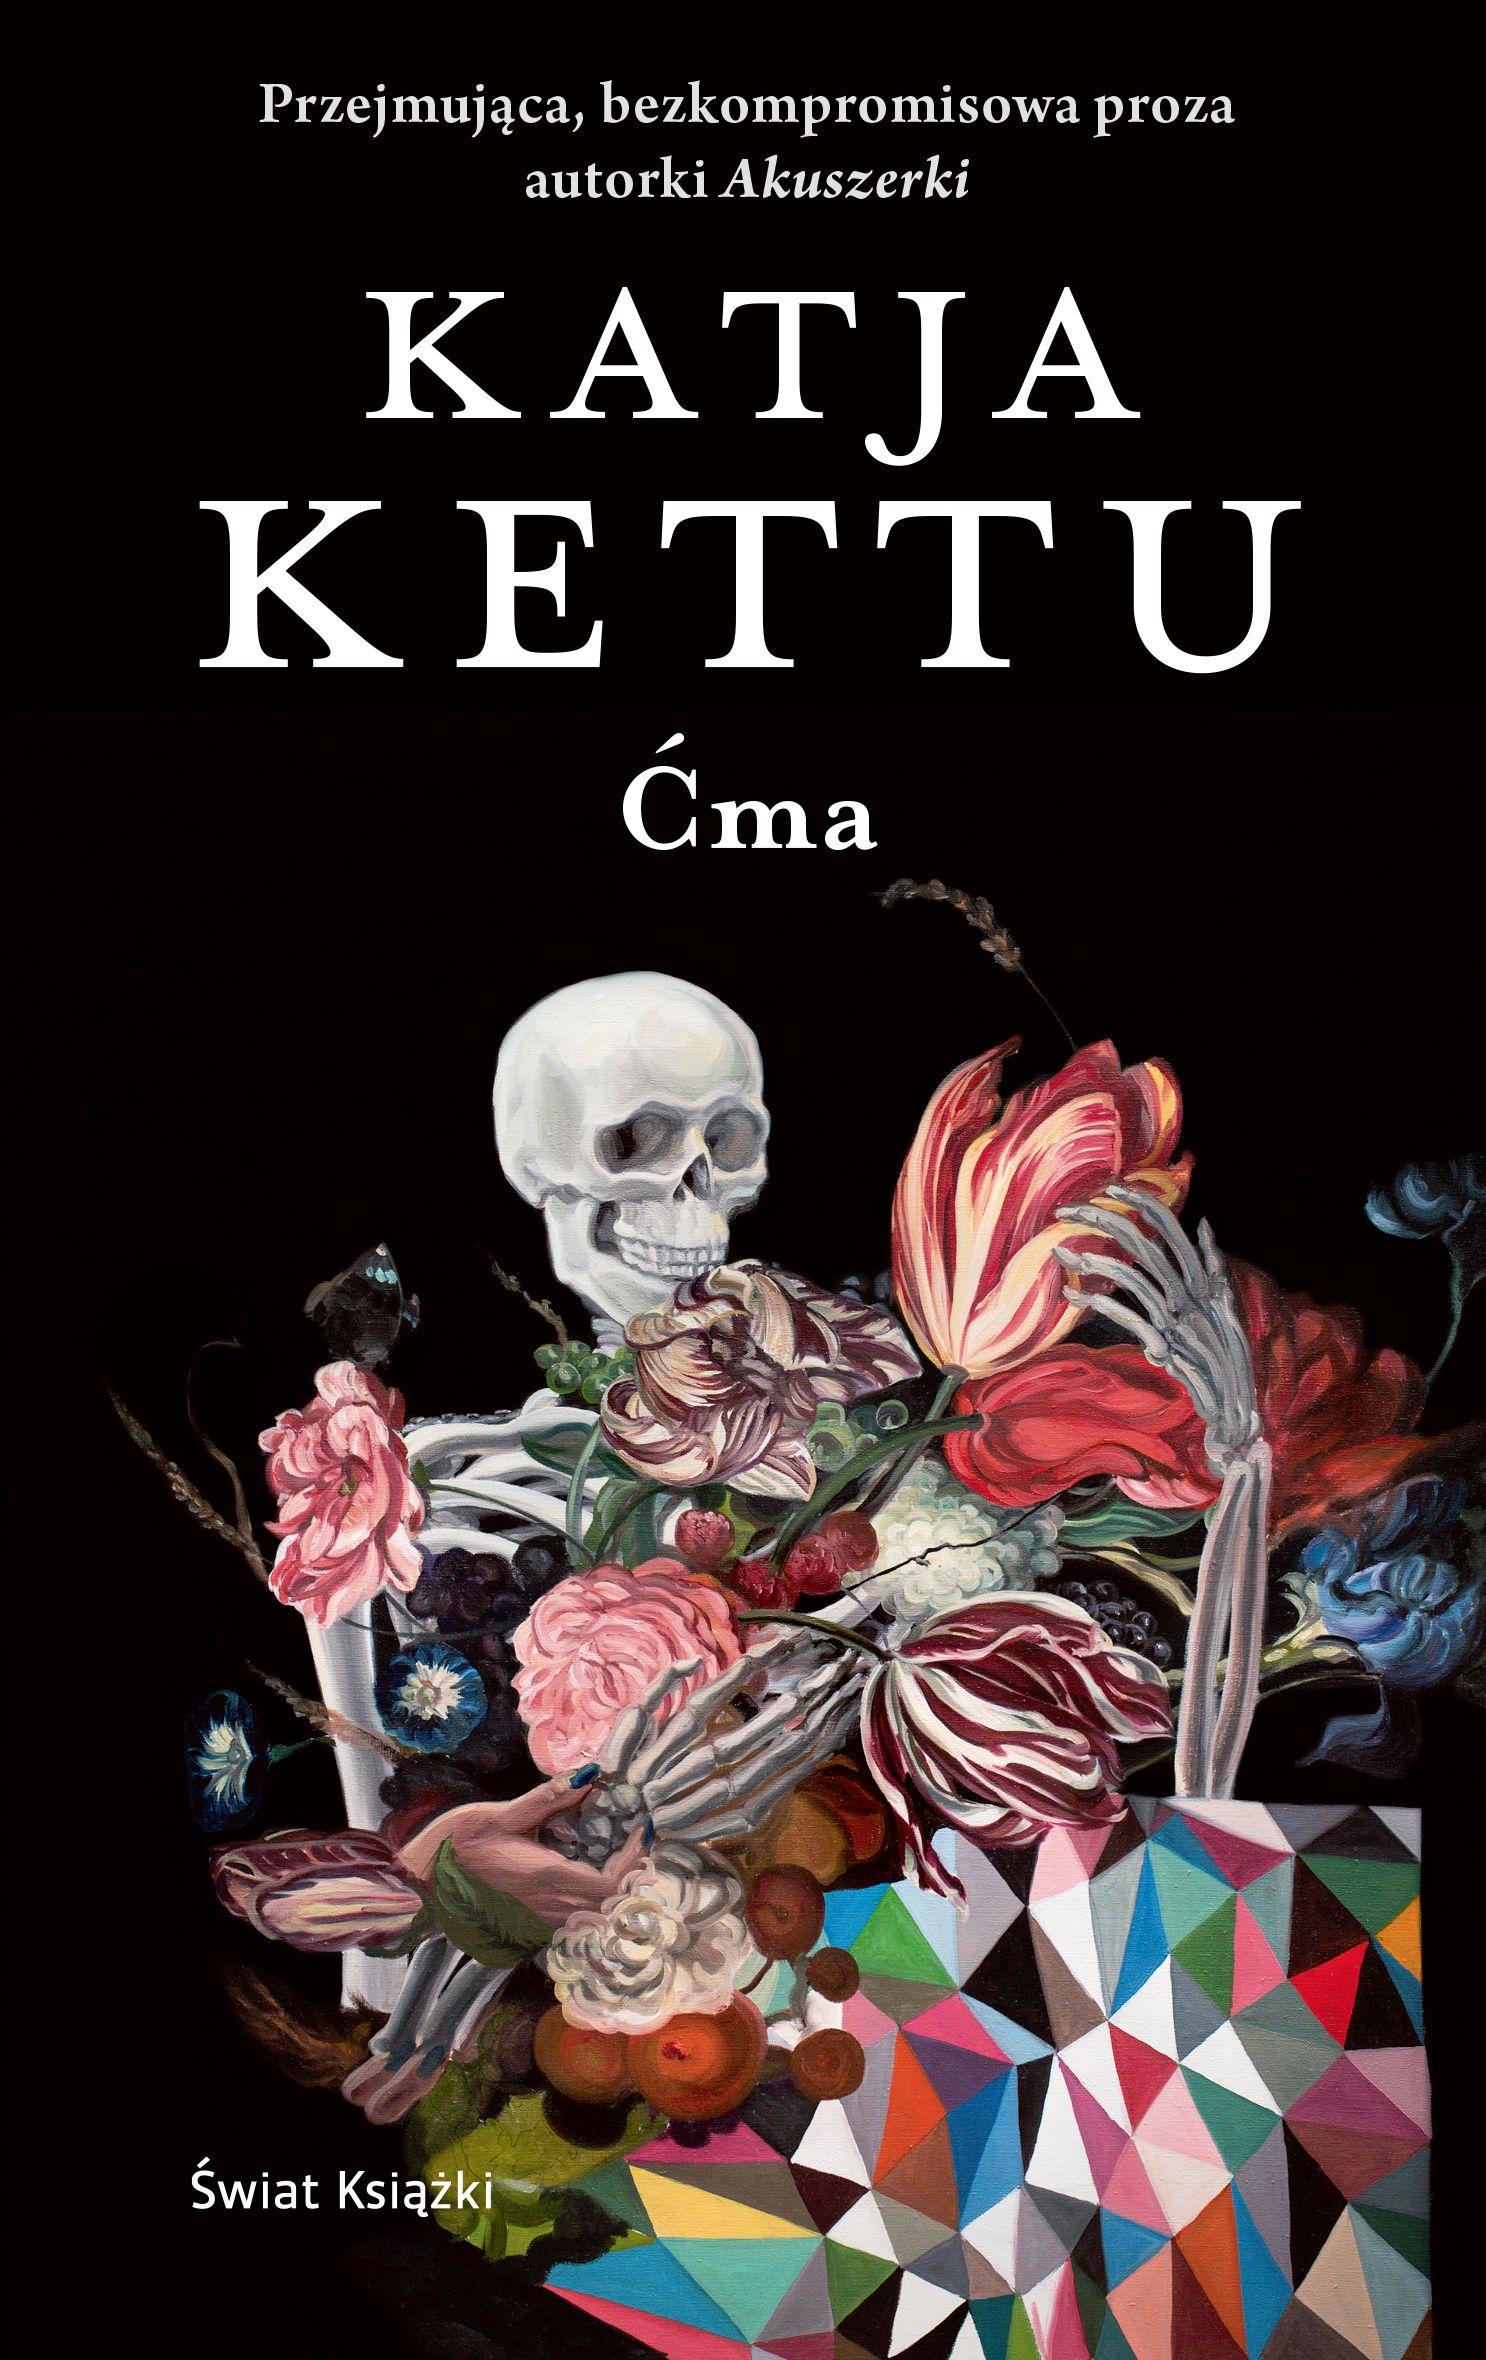 """Artykuł powstał między innymi w oparciu o książkę Katji Kettu """"Ćma"""", która ukazała się właśnie nakładem wydawnictwa Świat Książki."""